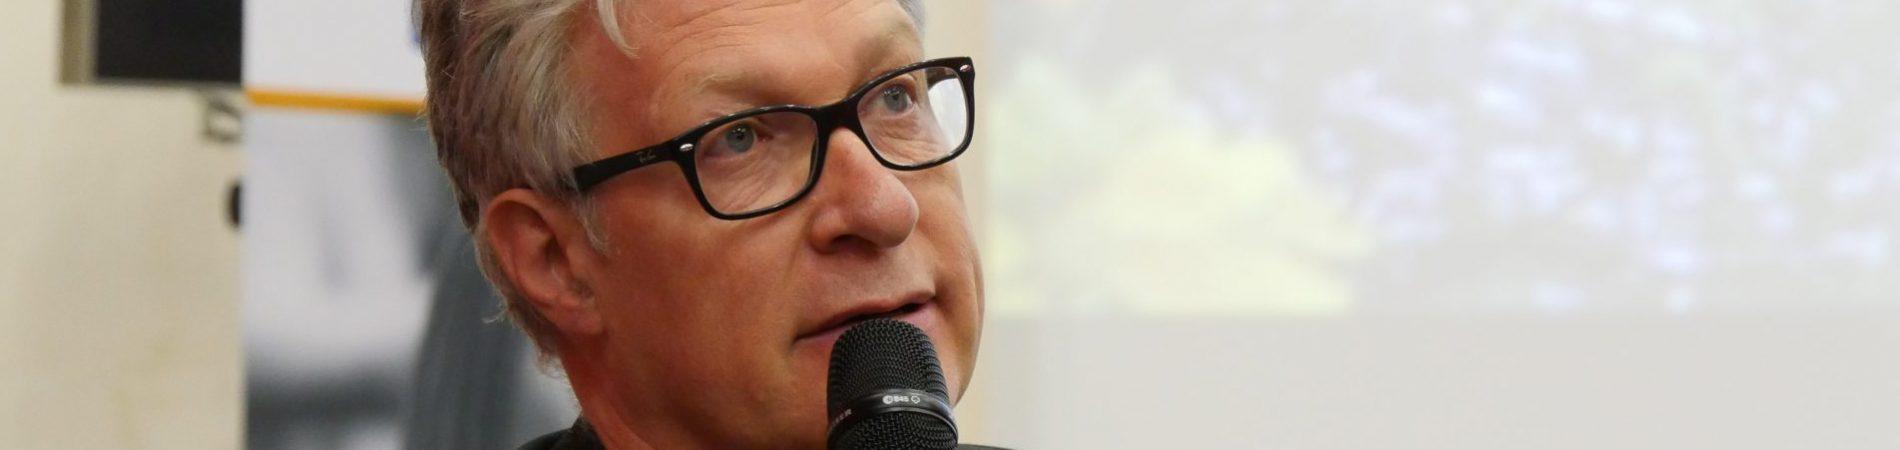 Martin Meissonier